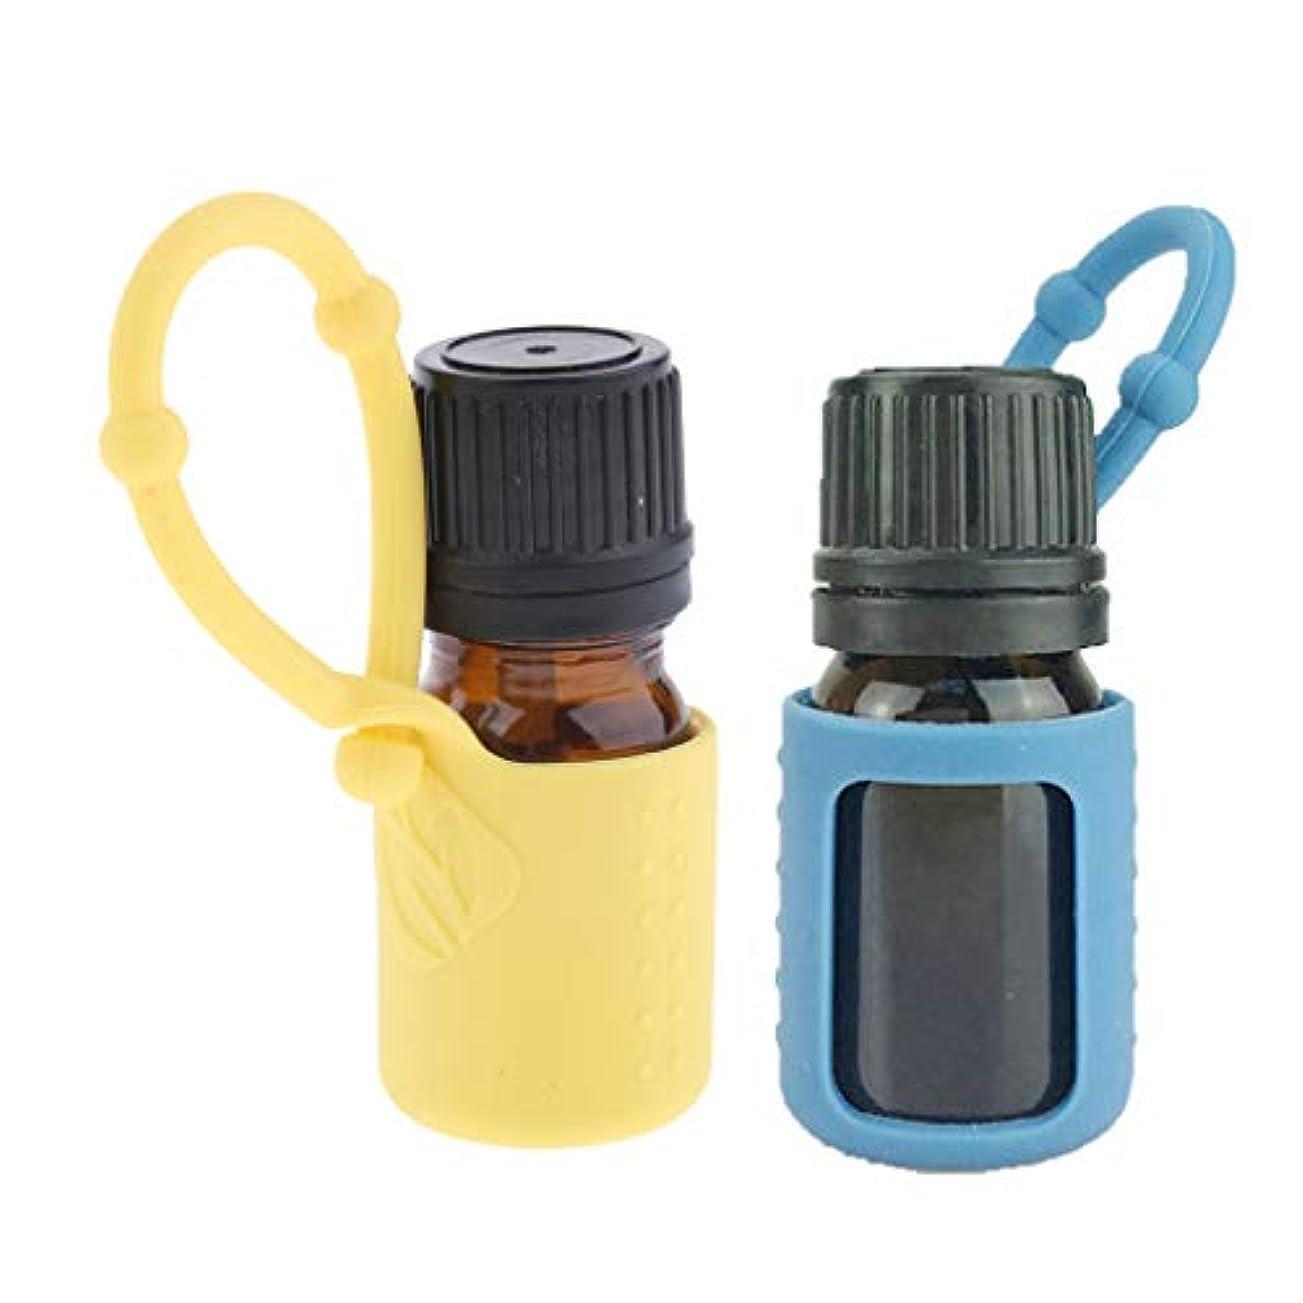 概念膨張するジョセフバンクスdailymall 詰め替え エッセンシャルボトル 5ml 精油 液体 保存容器 シリコンスリーブ付 携帯便利 2個入